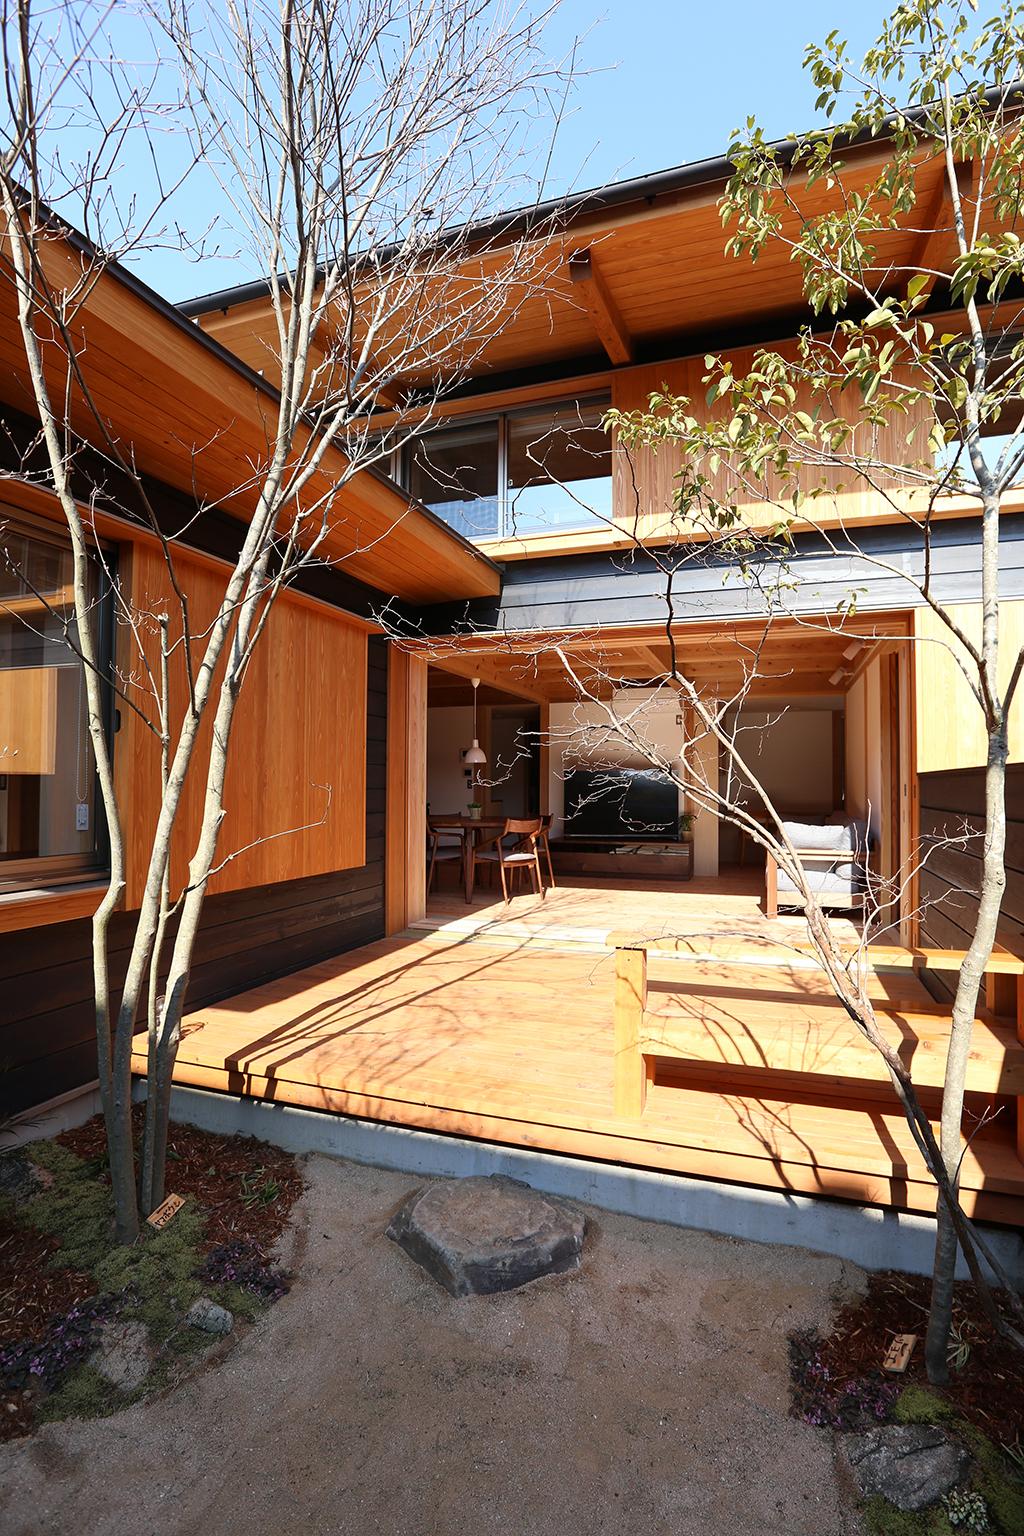 明石市の木の家 季節を感じる庭